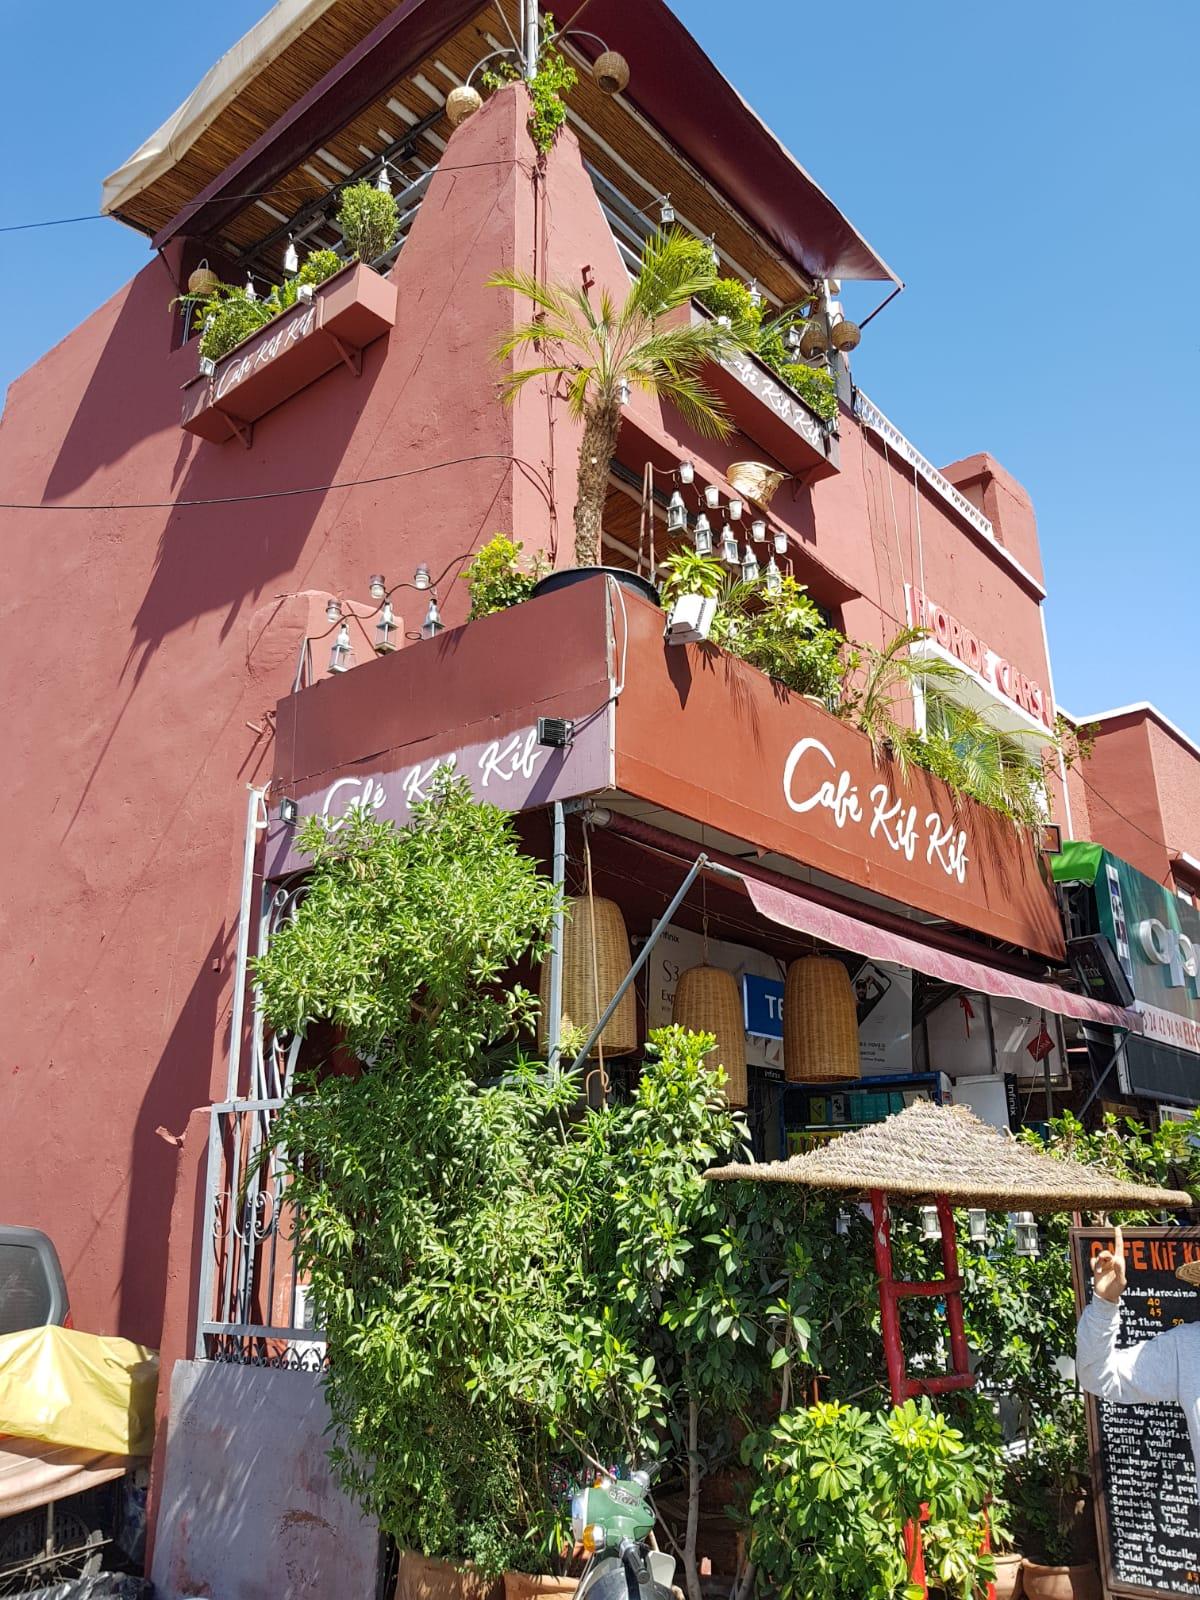 cafe-kif-kif-restaurant-rooftop